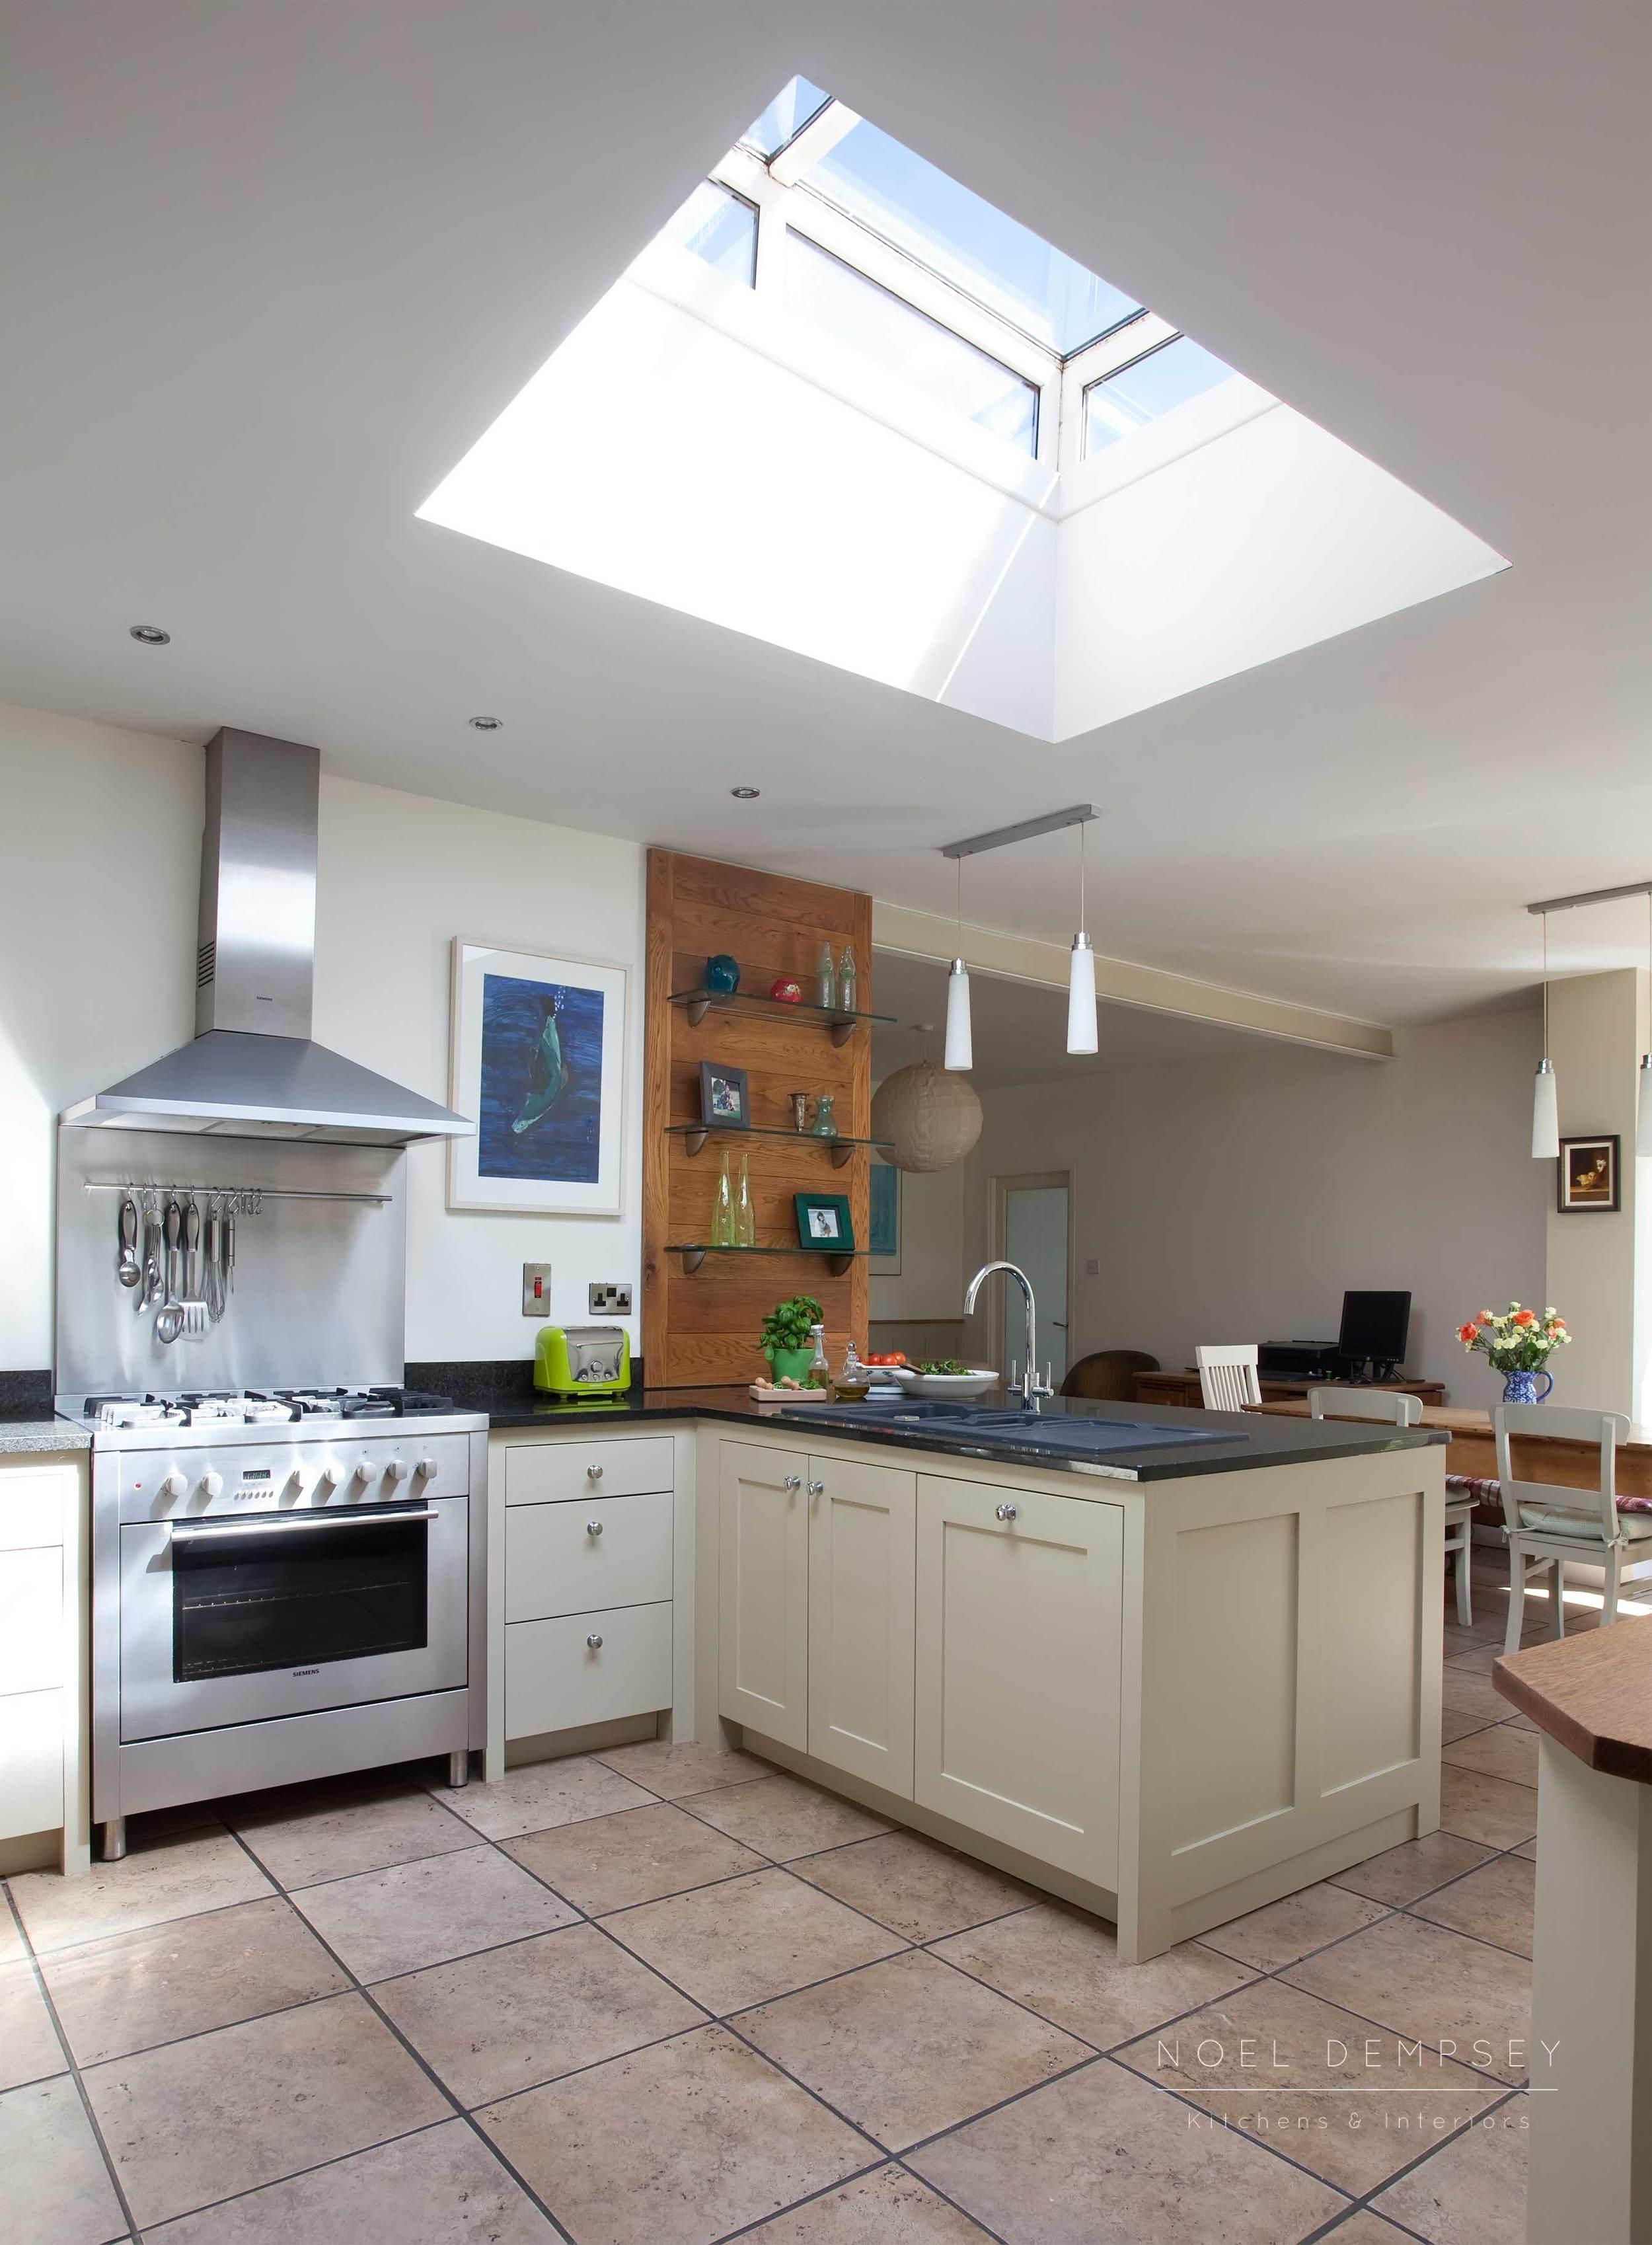 Bellvue-Hand-Painted-Kitchen-3.jpg